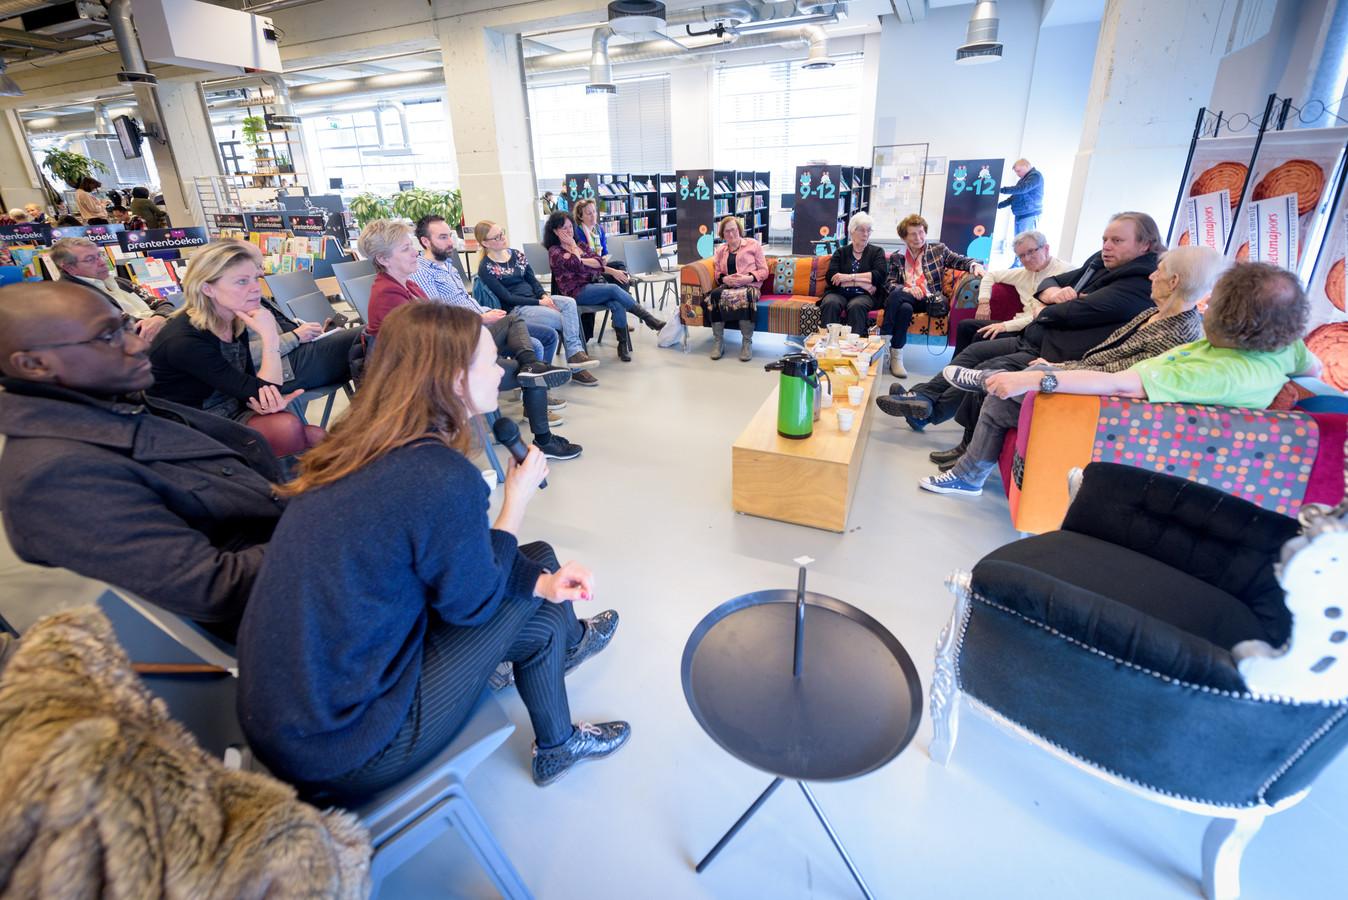 De eerste editie van Kletsmajoors in de bibliotheek in Eindhoven.